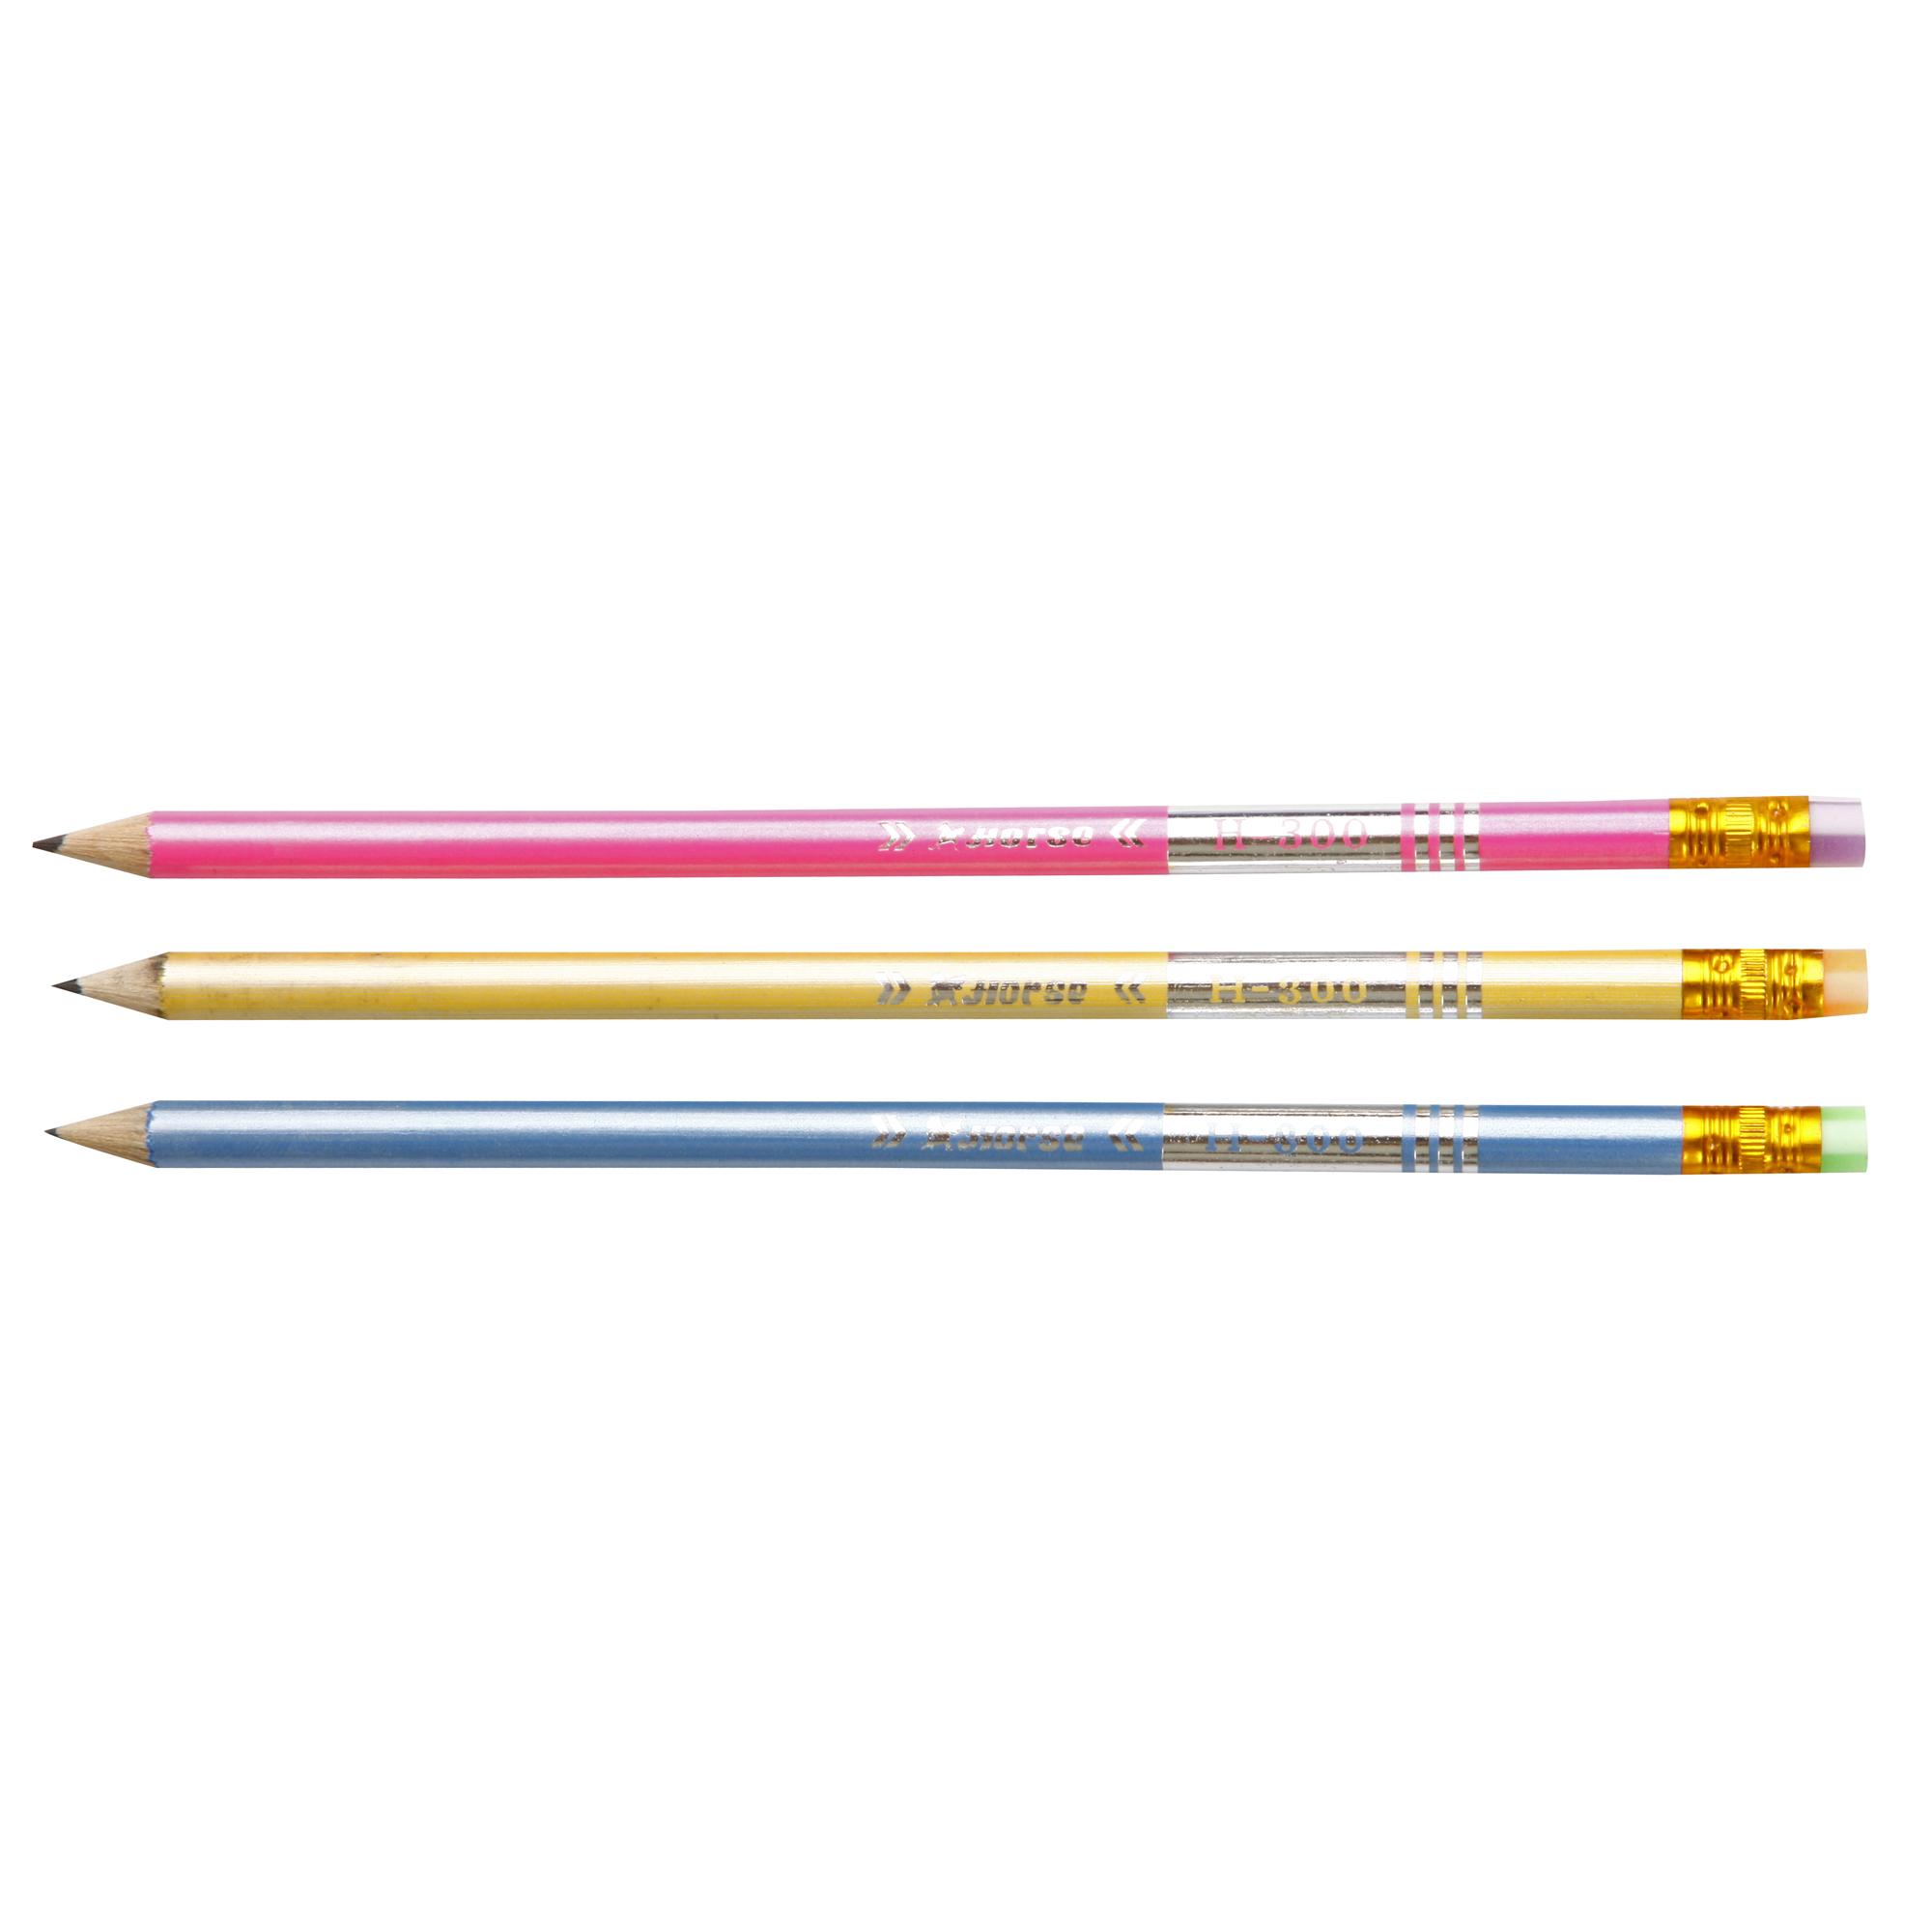 ดินสอ HB ตราม้า H-300